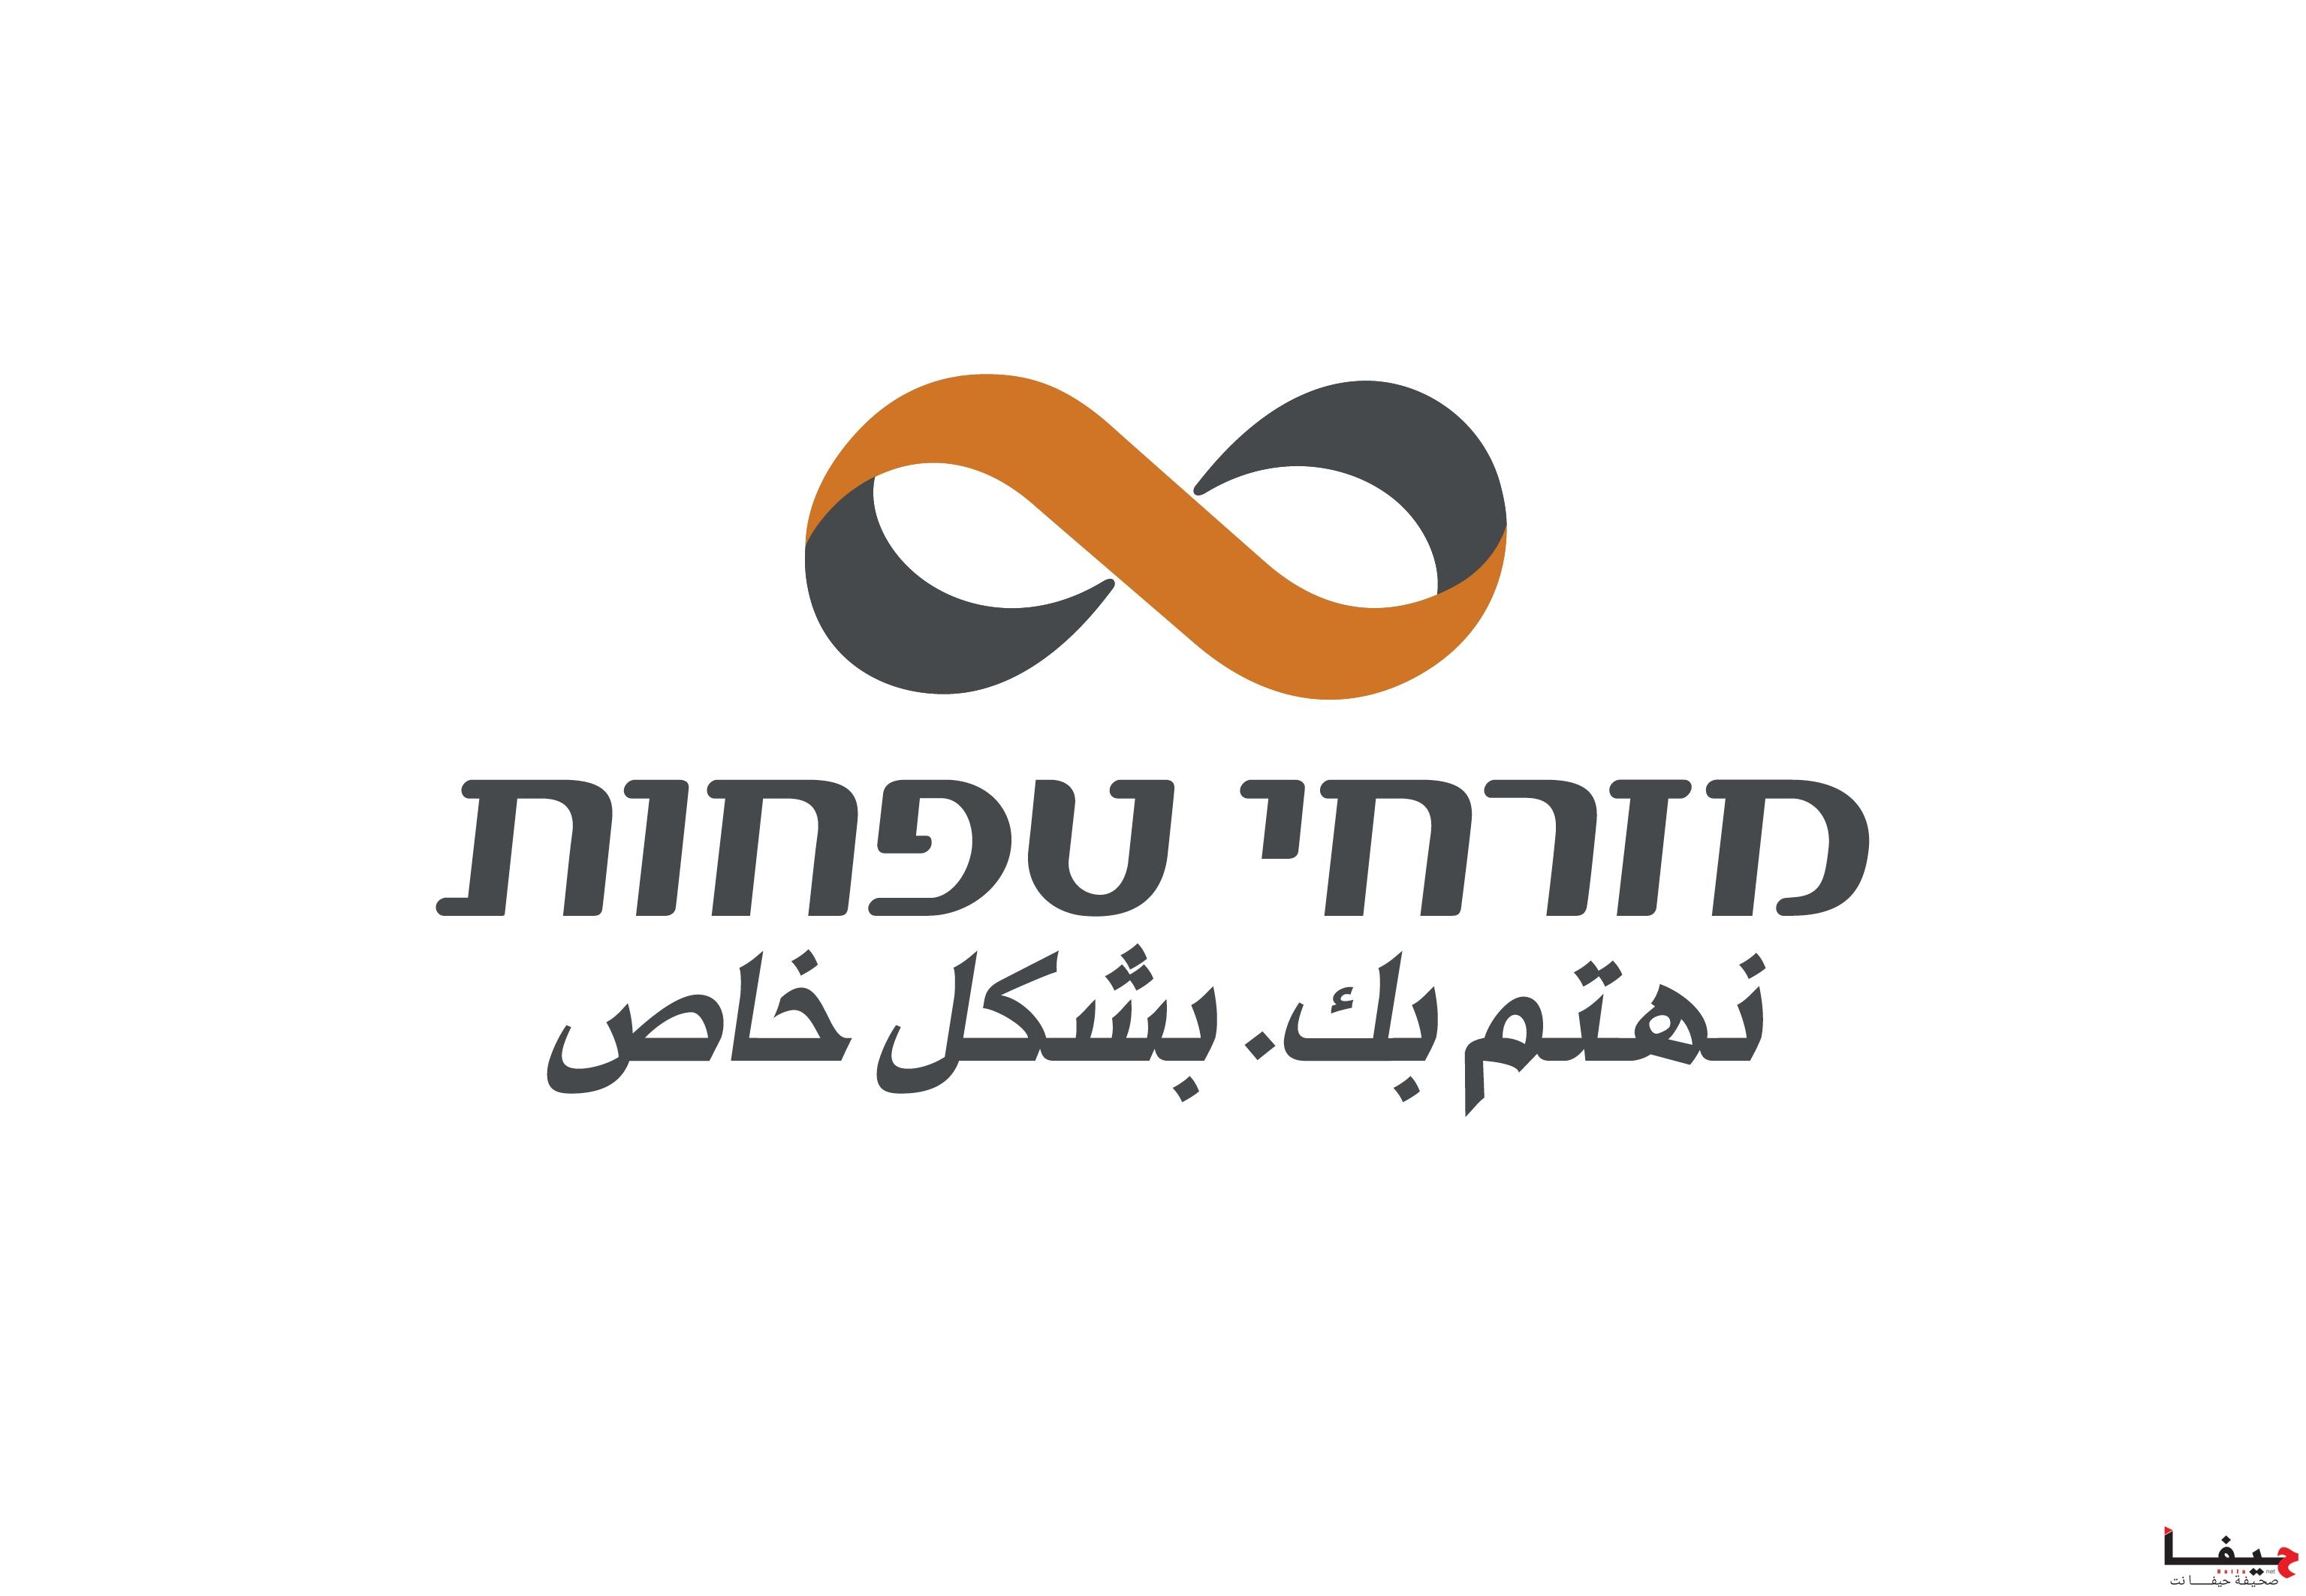 MZR_logo